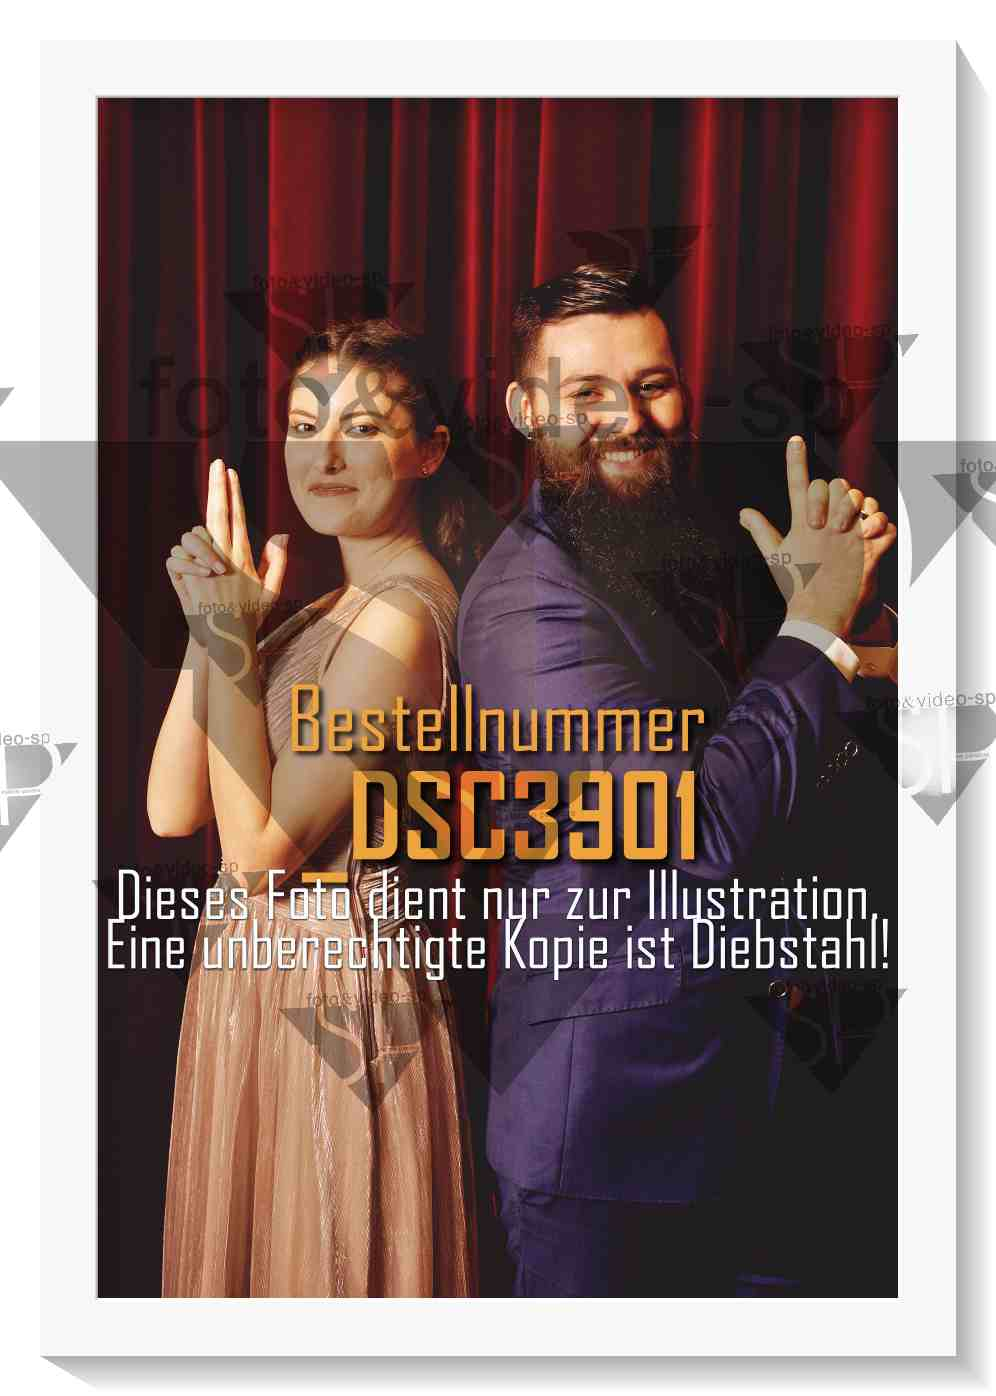 DSC3901